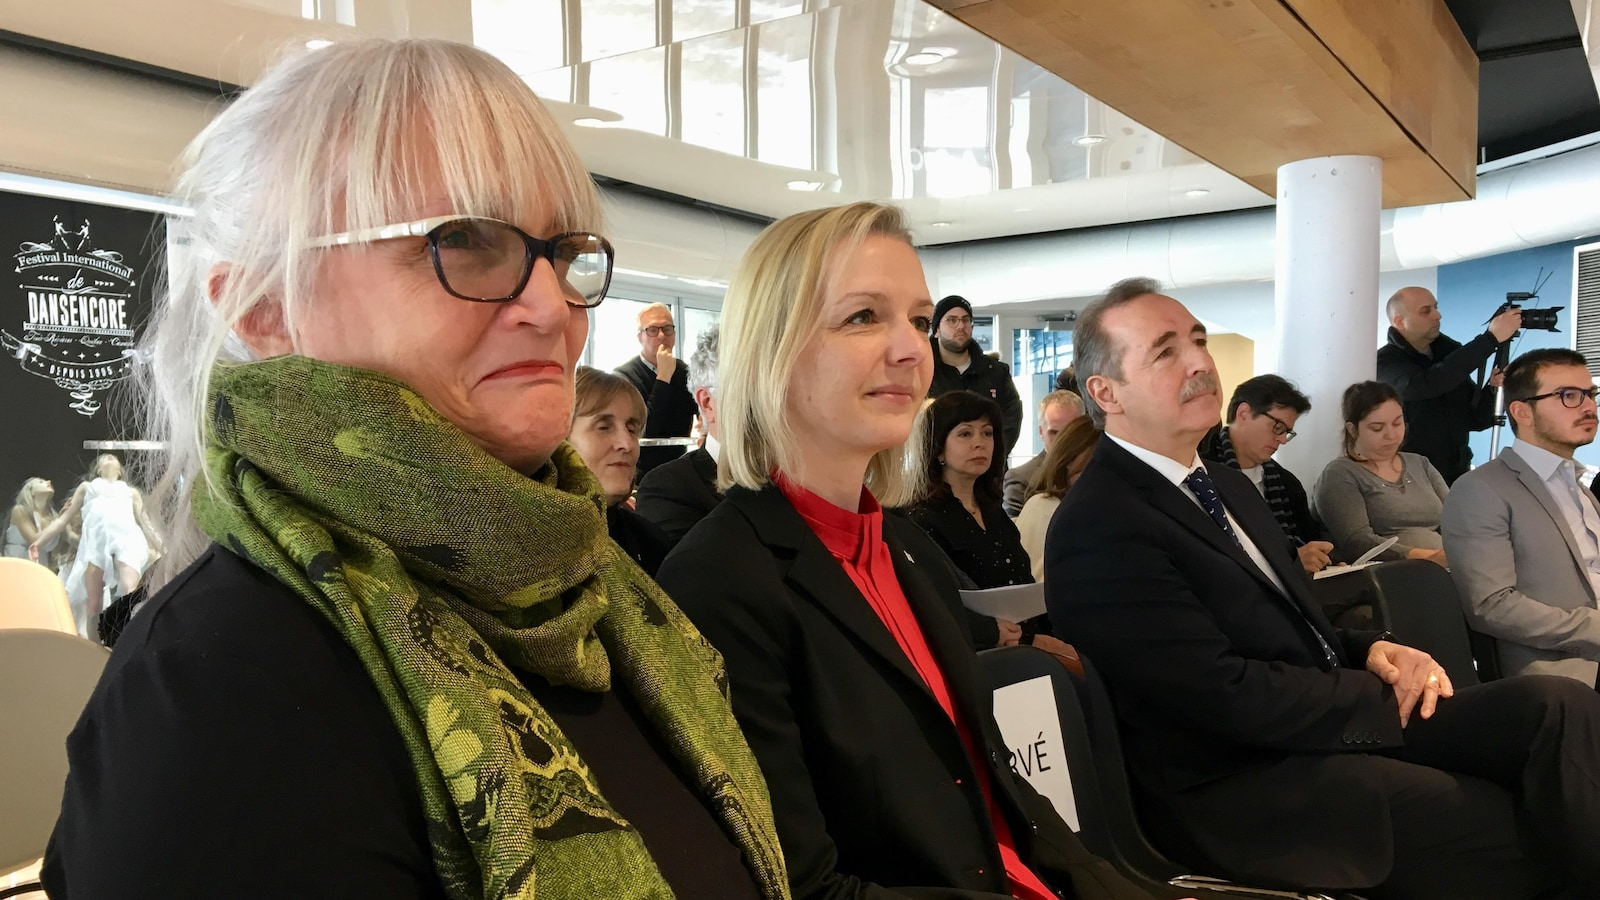 Deux femmes regardent une conférence de presse. L'une d'elle porte des lunette et un foulard.